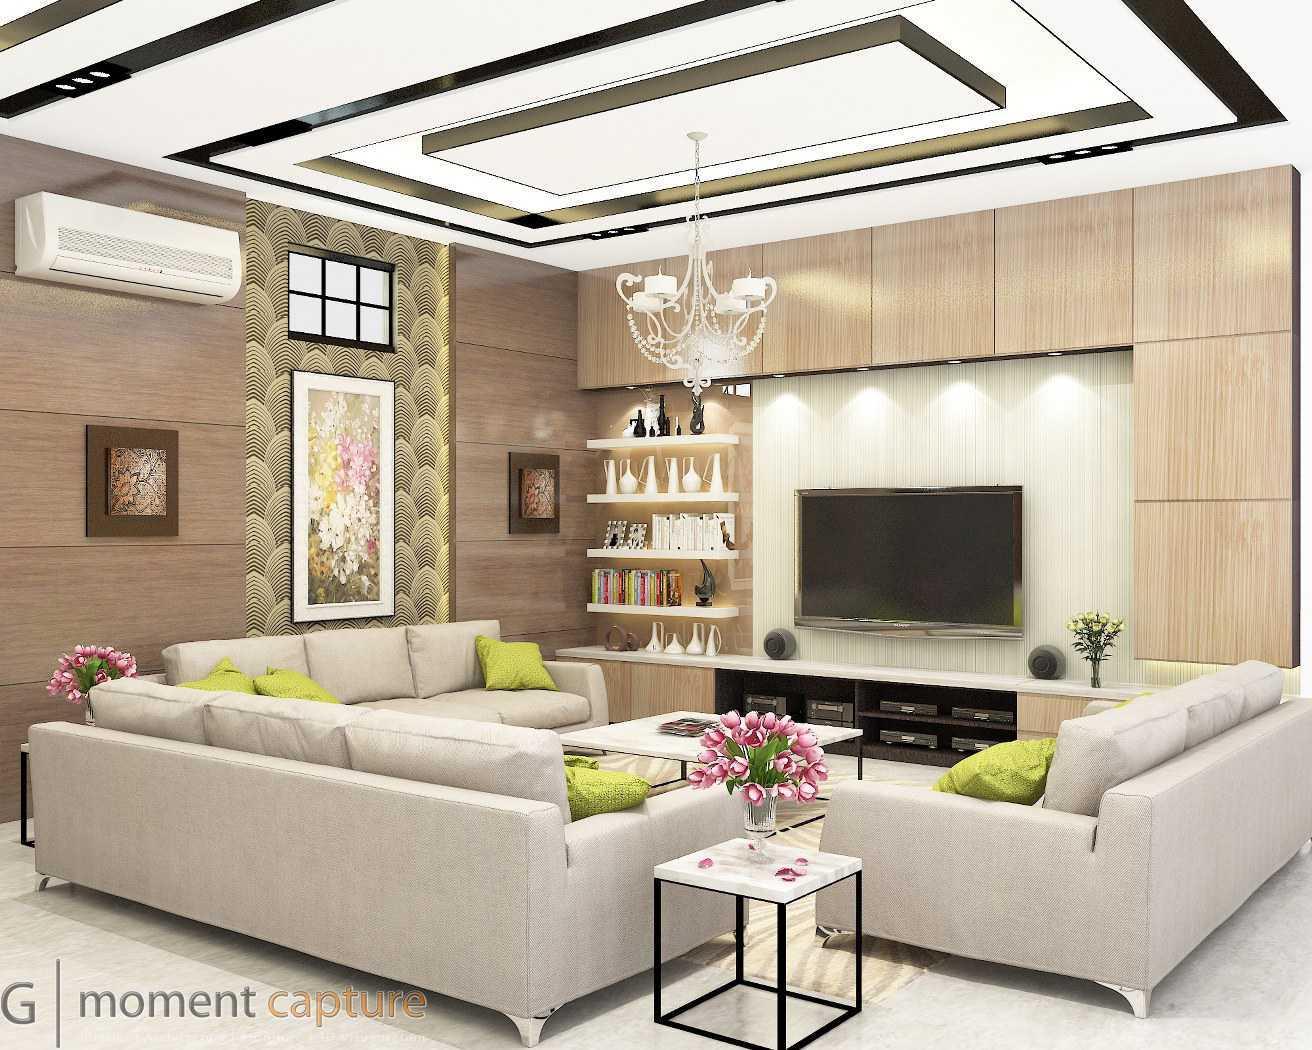 G | Momentcapture Private Residence 1 Daerah Khusus Ibukota Jakarta, Indonesia Daerah Khusus Ibukota Jakarta, Indonesia Family Room  40682